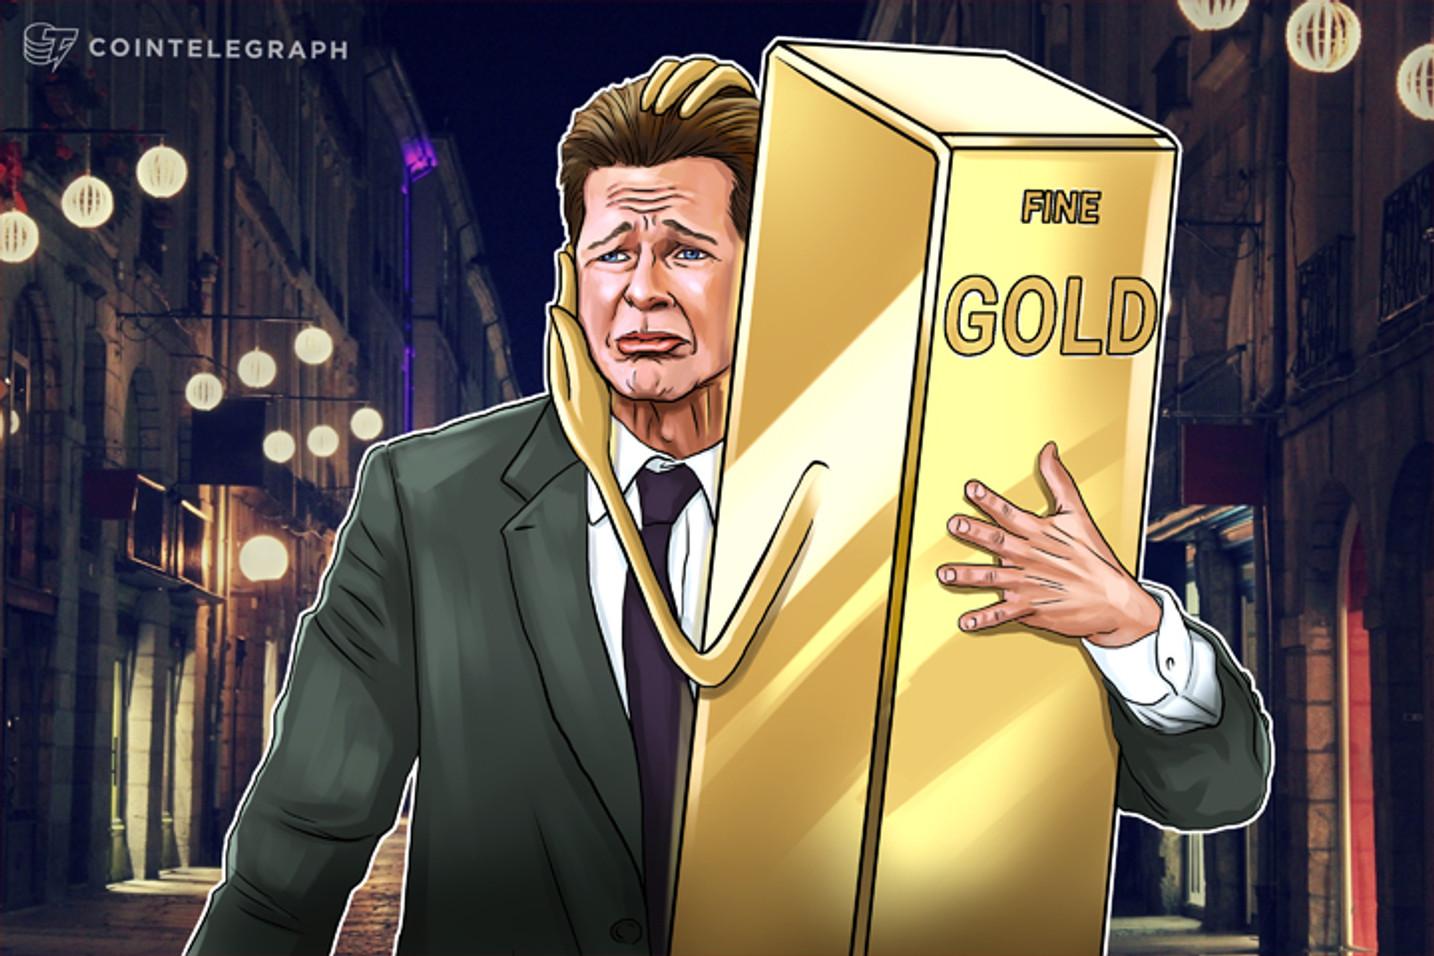 مبيعات الذهب ترتفع خلال انهيار سوق العملات الرقمية، مما يبرز الصلة العكسية